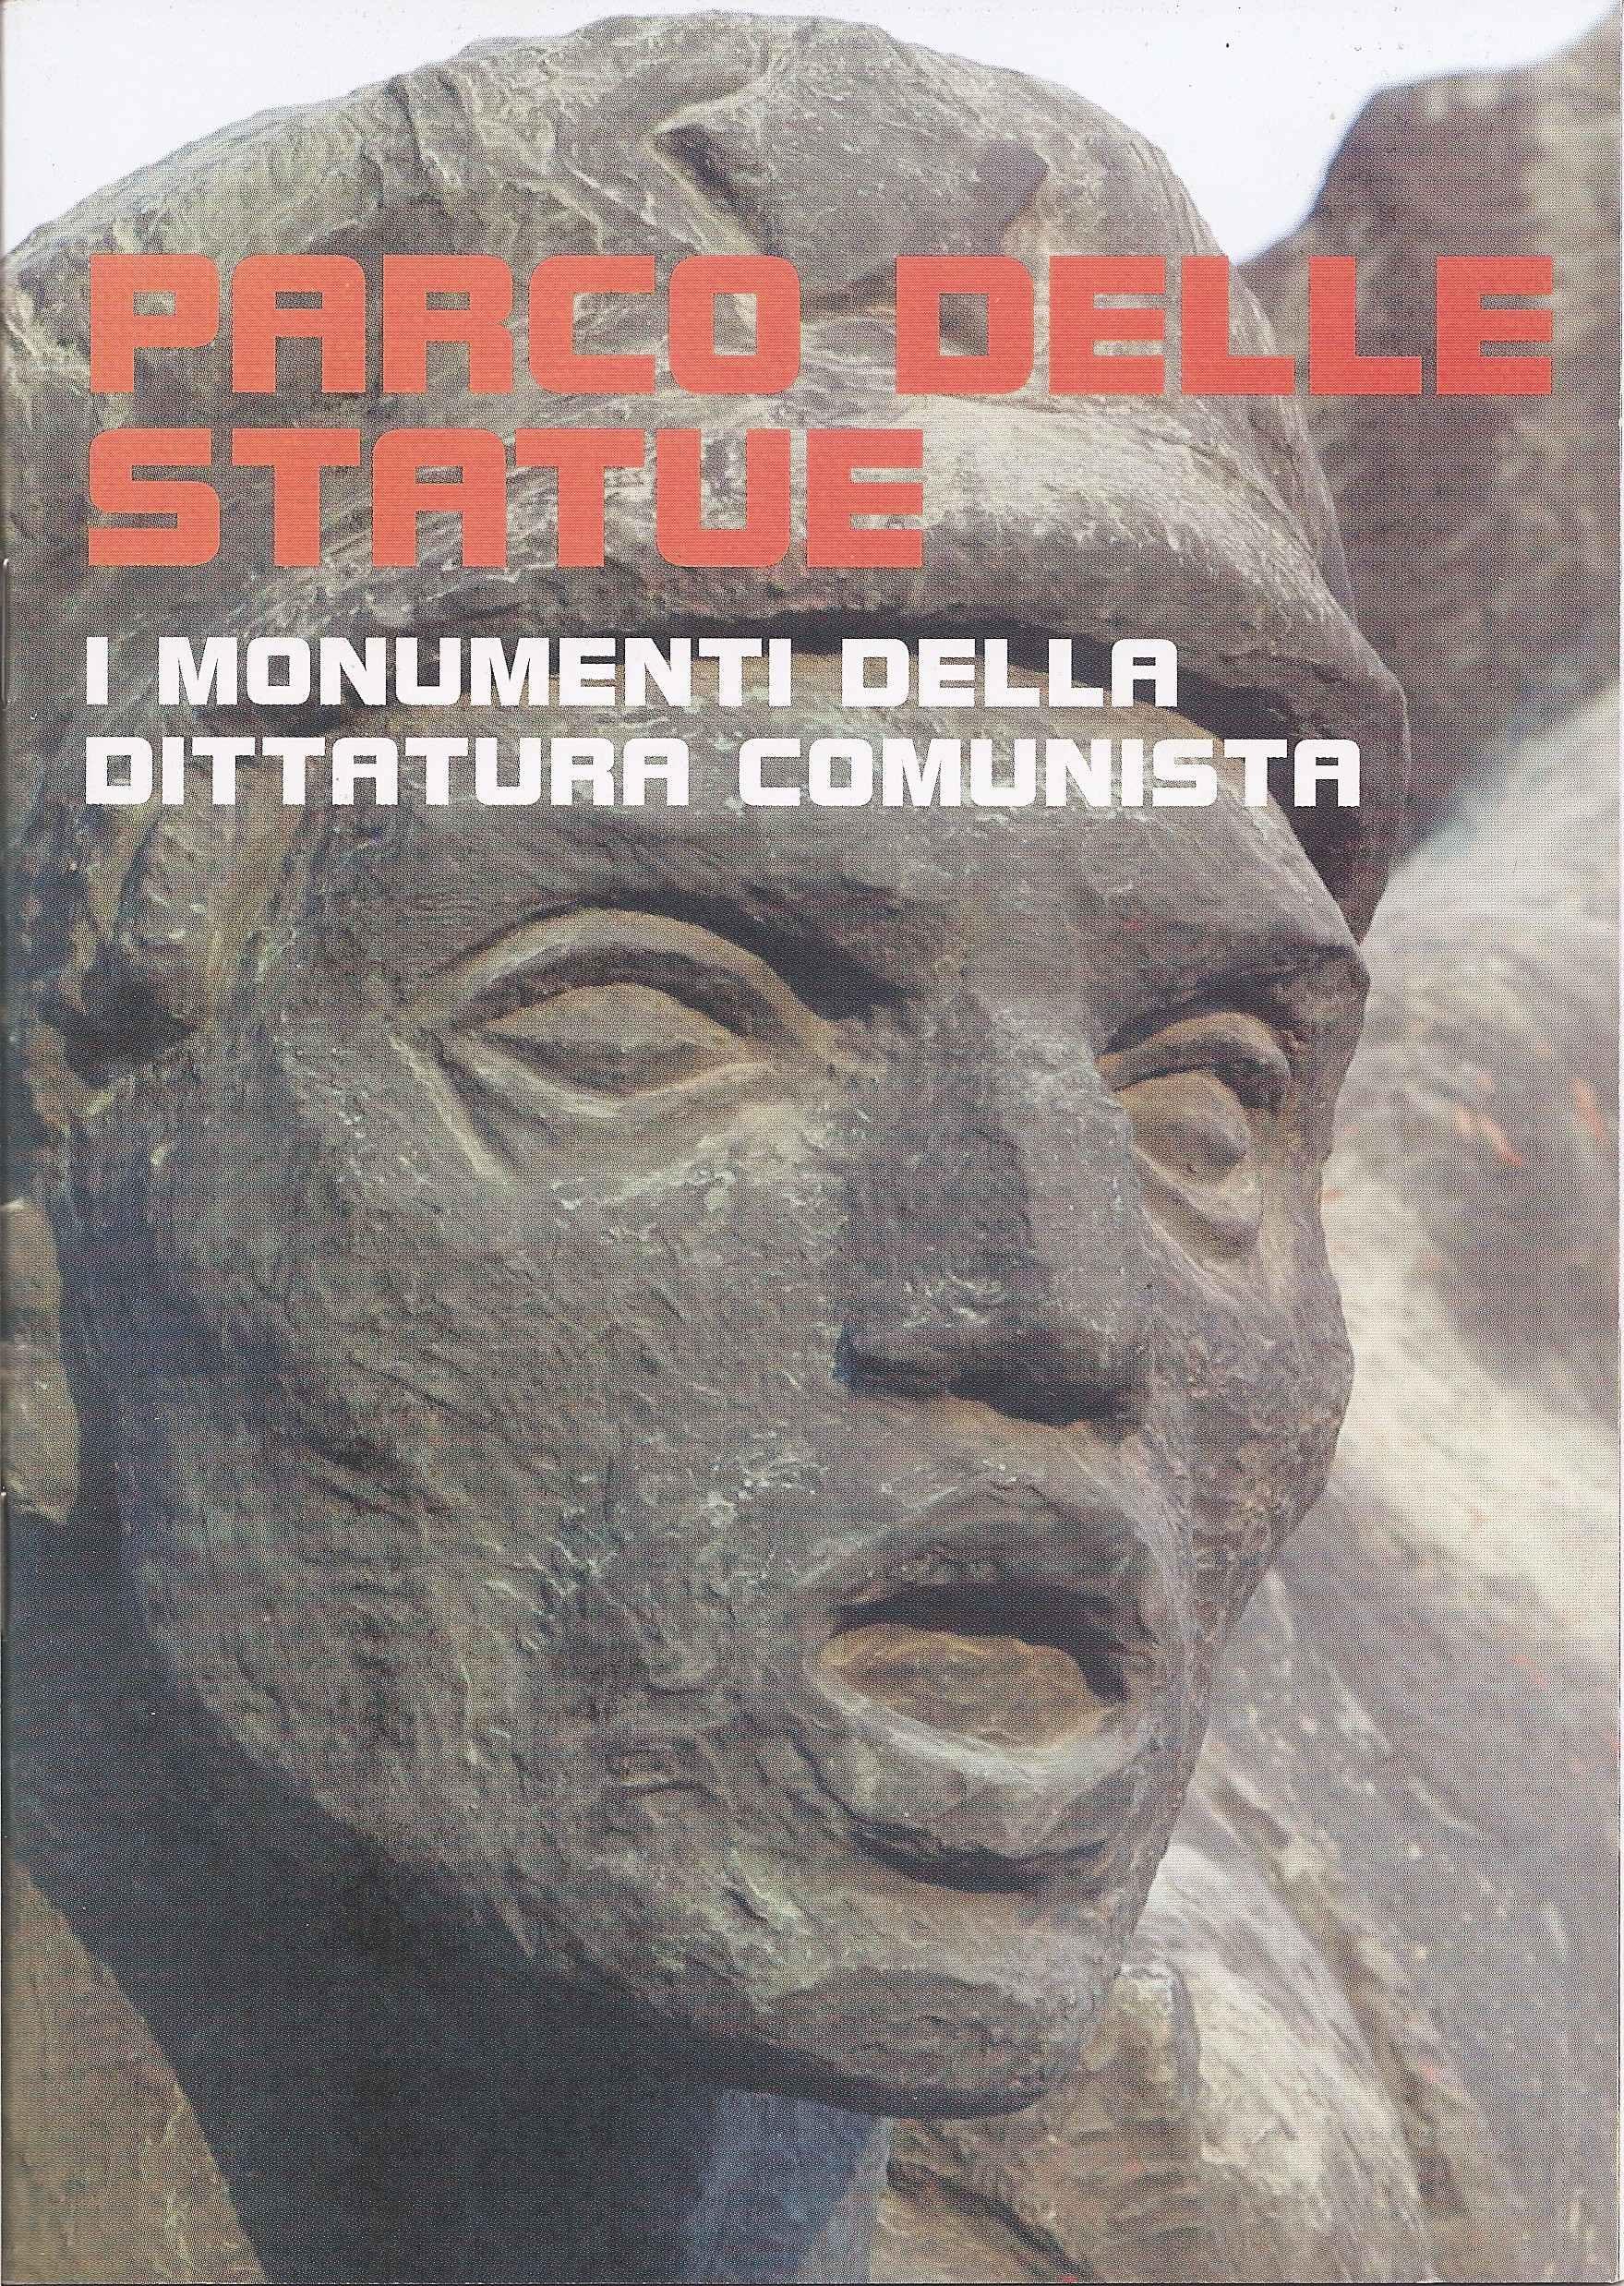 Parco delle Statue